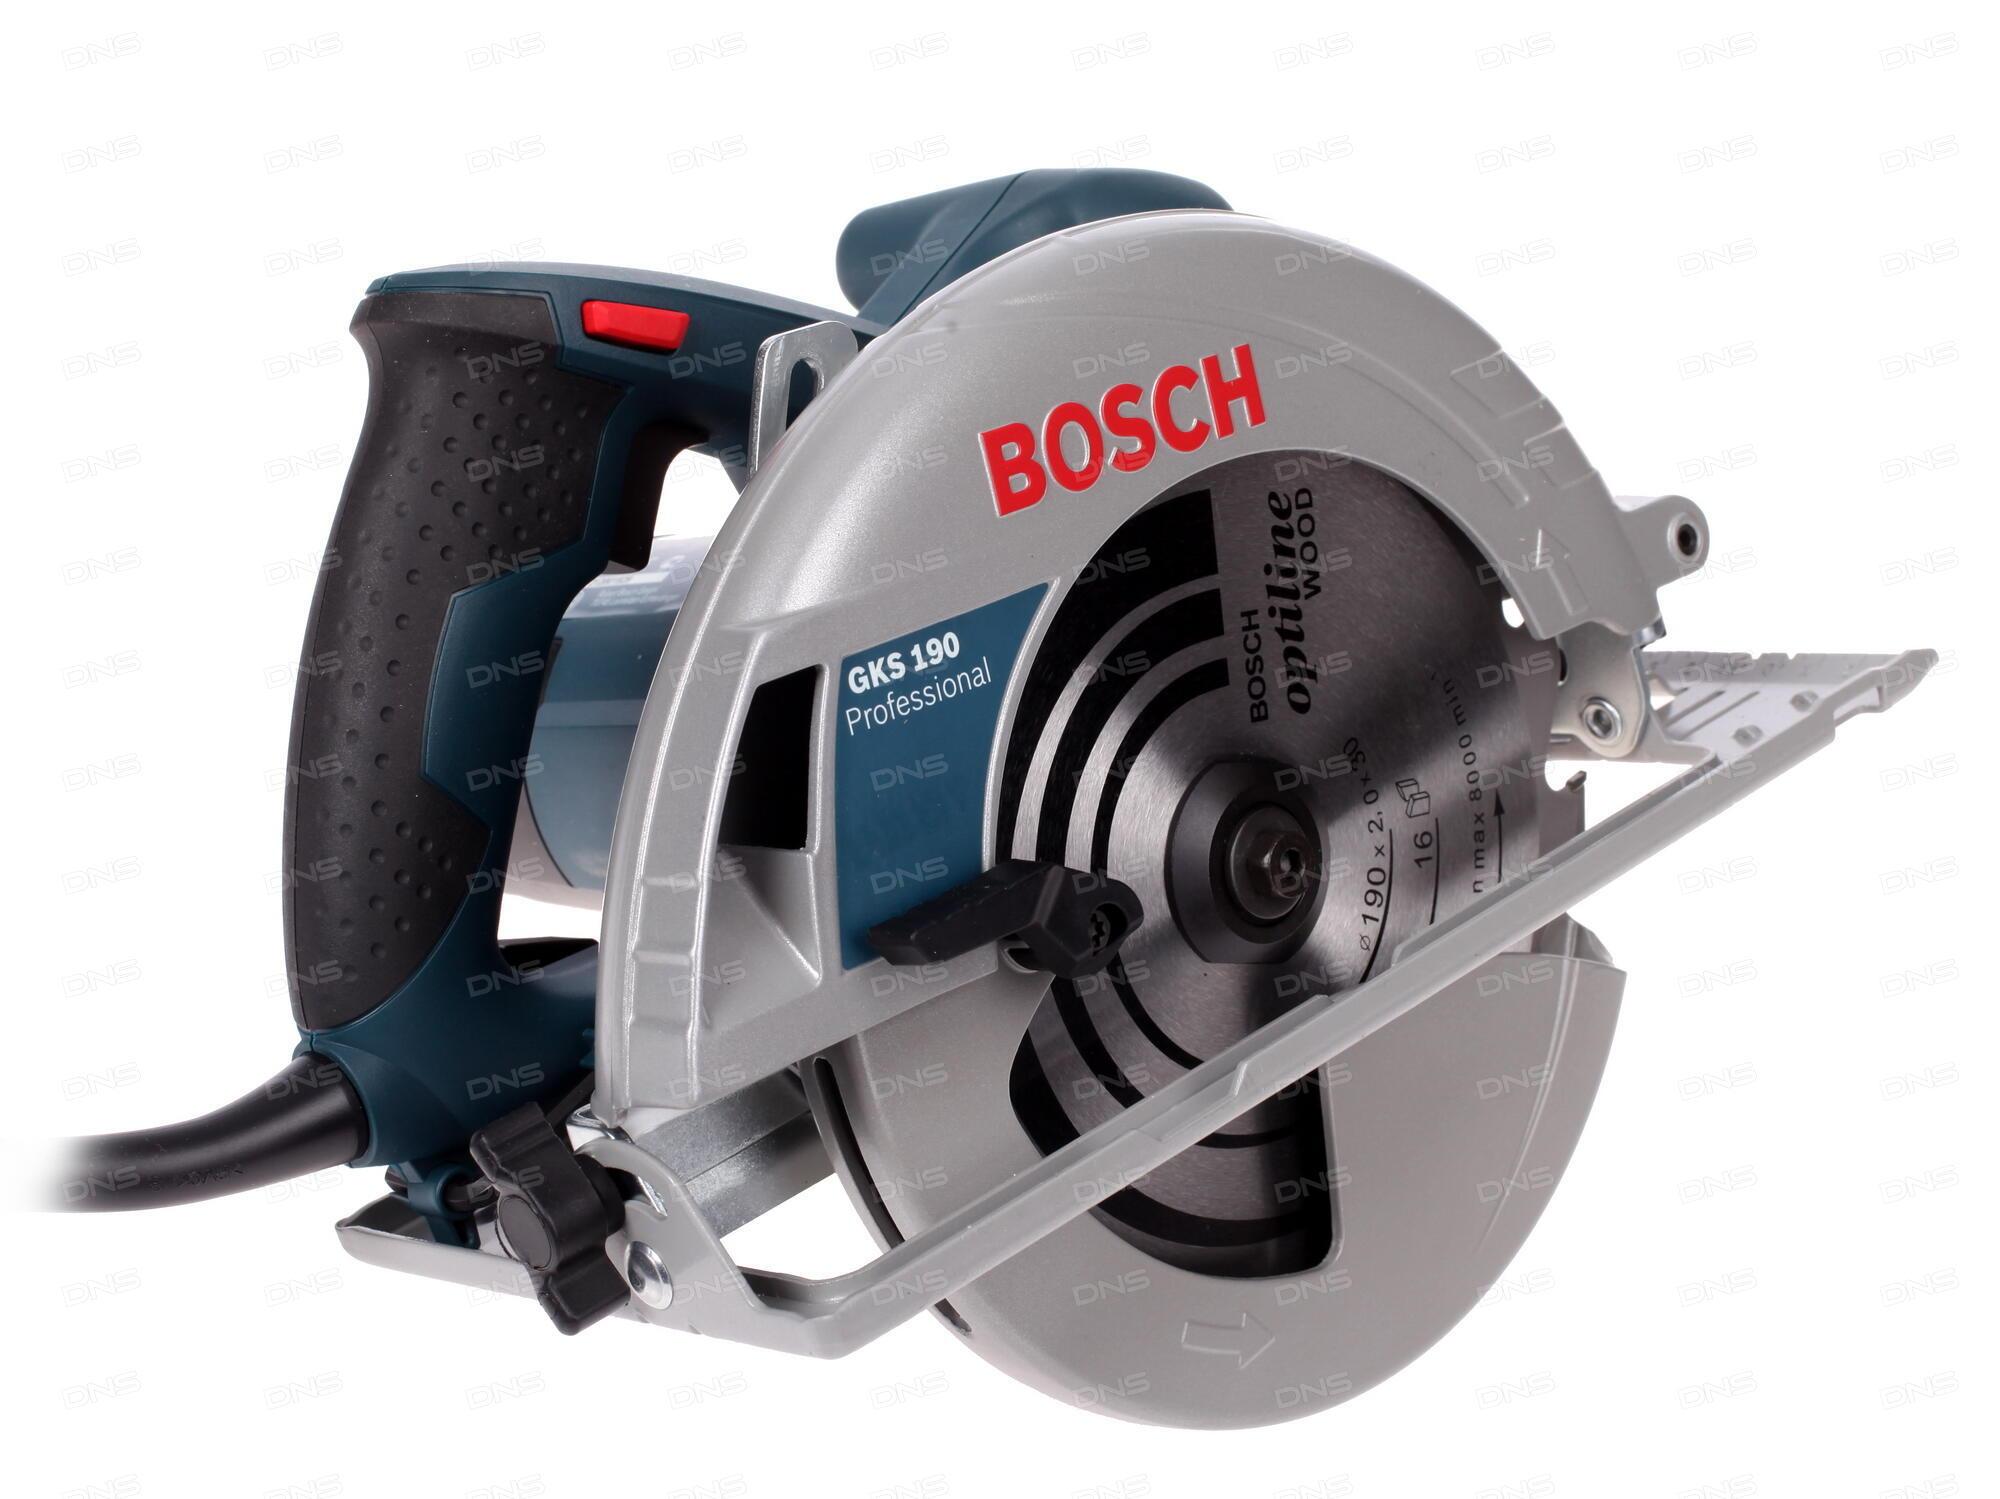 Технические характеристики Пила дисковая Bosch GKS 190 ... - photo#26